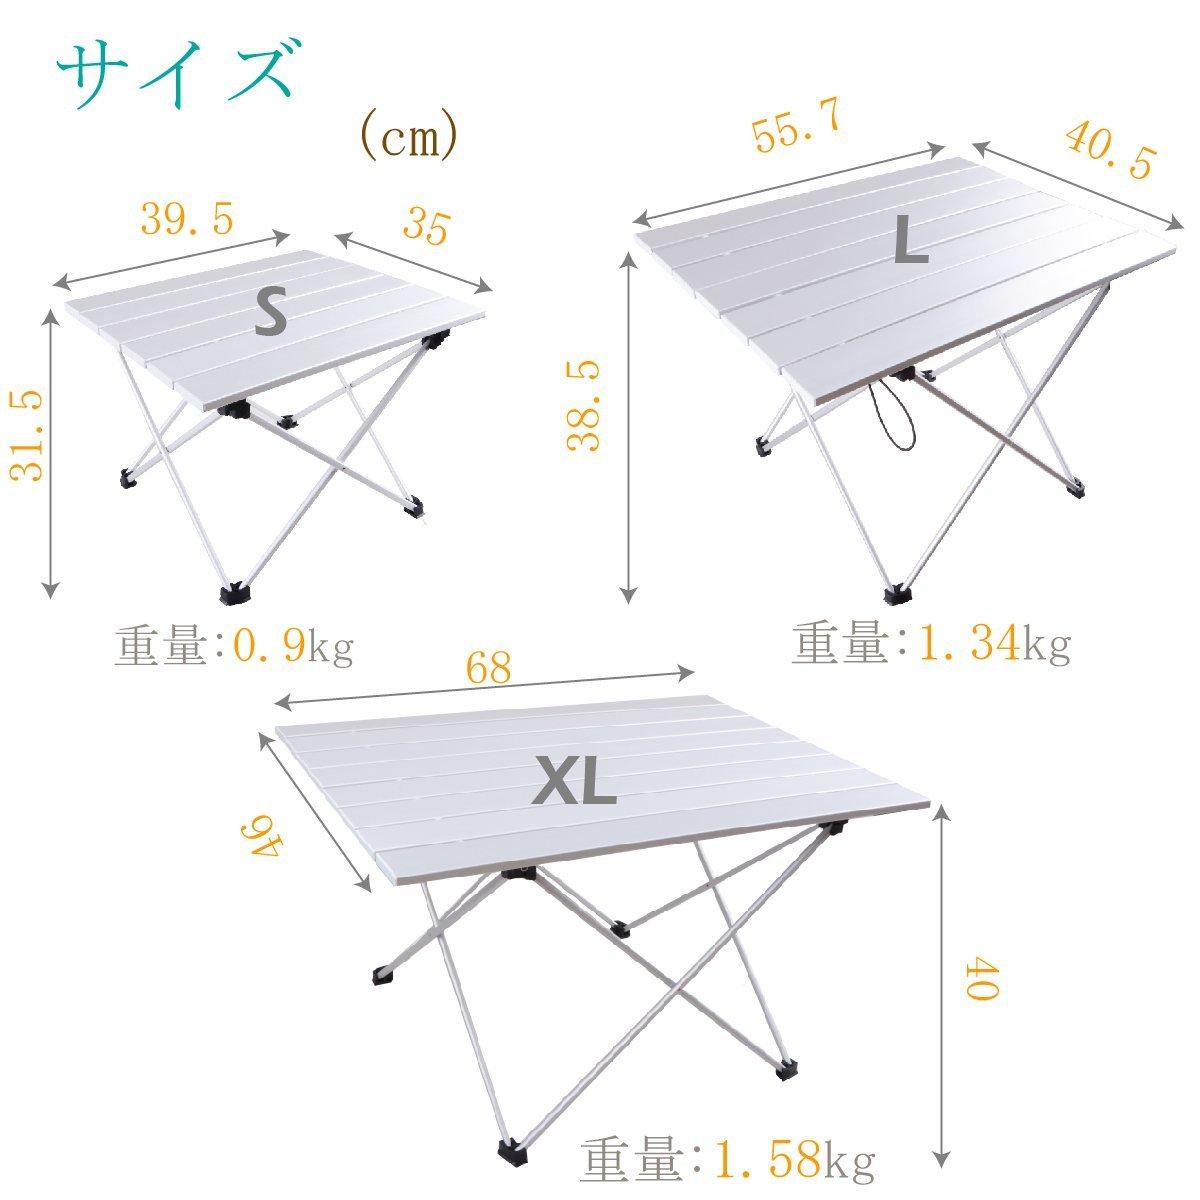 Tavolo Campeggio Alluminio Avvolgibile.Triwonder Tavolo Pieghevole Da Campeggio In Alluminio Ultraleggero